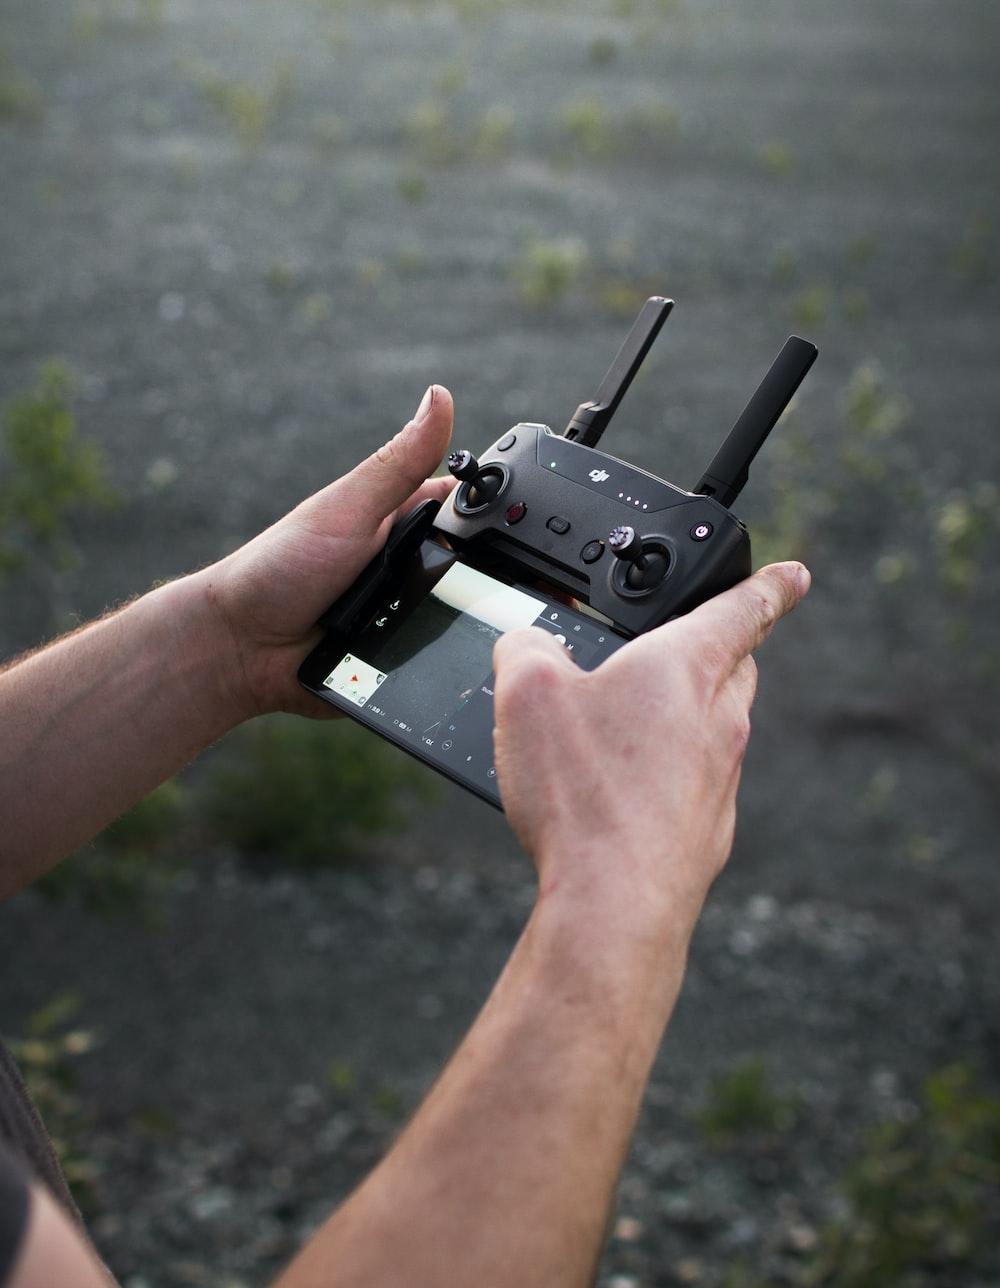 black quadcopter remote